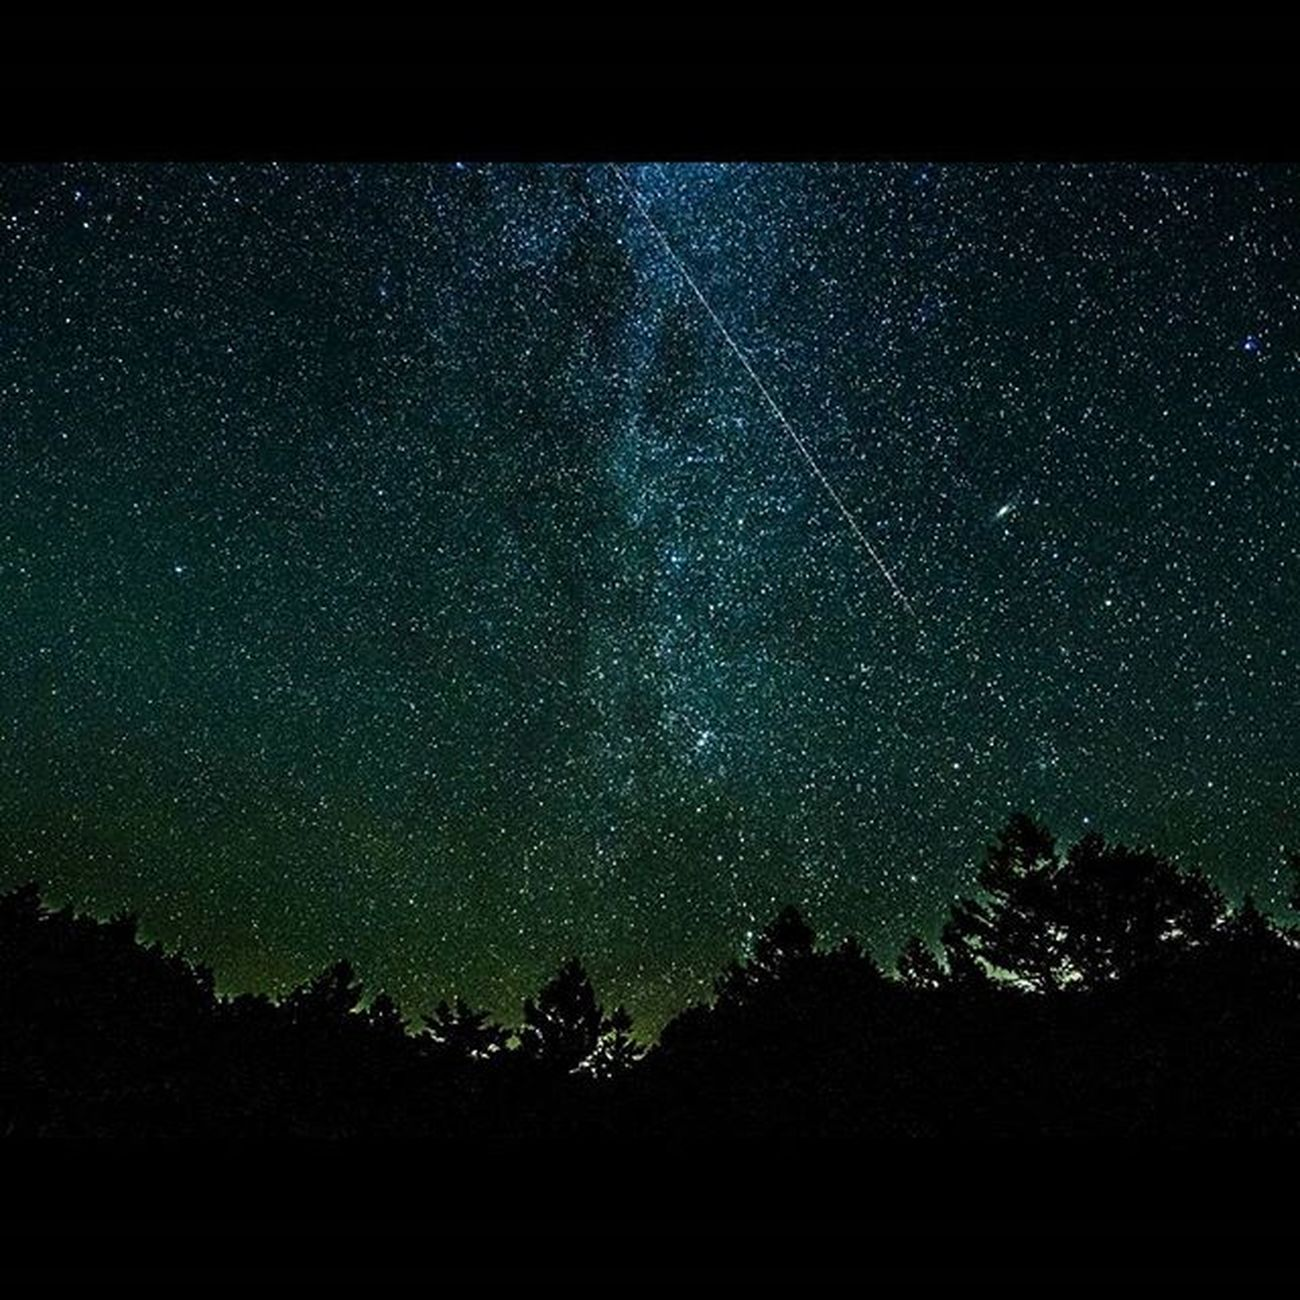 満天の星 流れ星 茶臼山高原 アンドロメダ銀河 天の川 Raw現像 星空